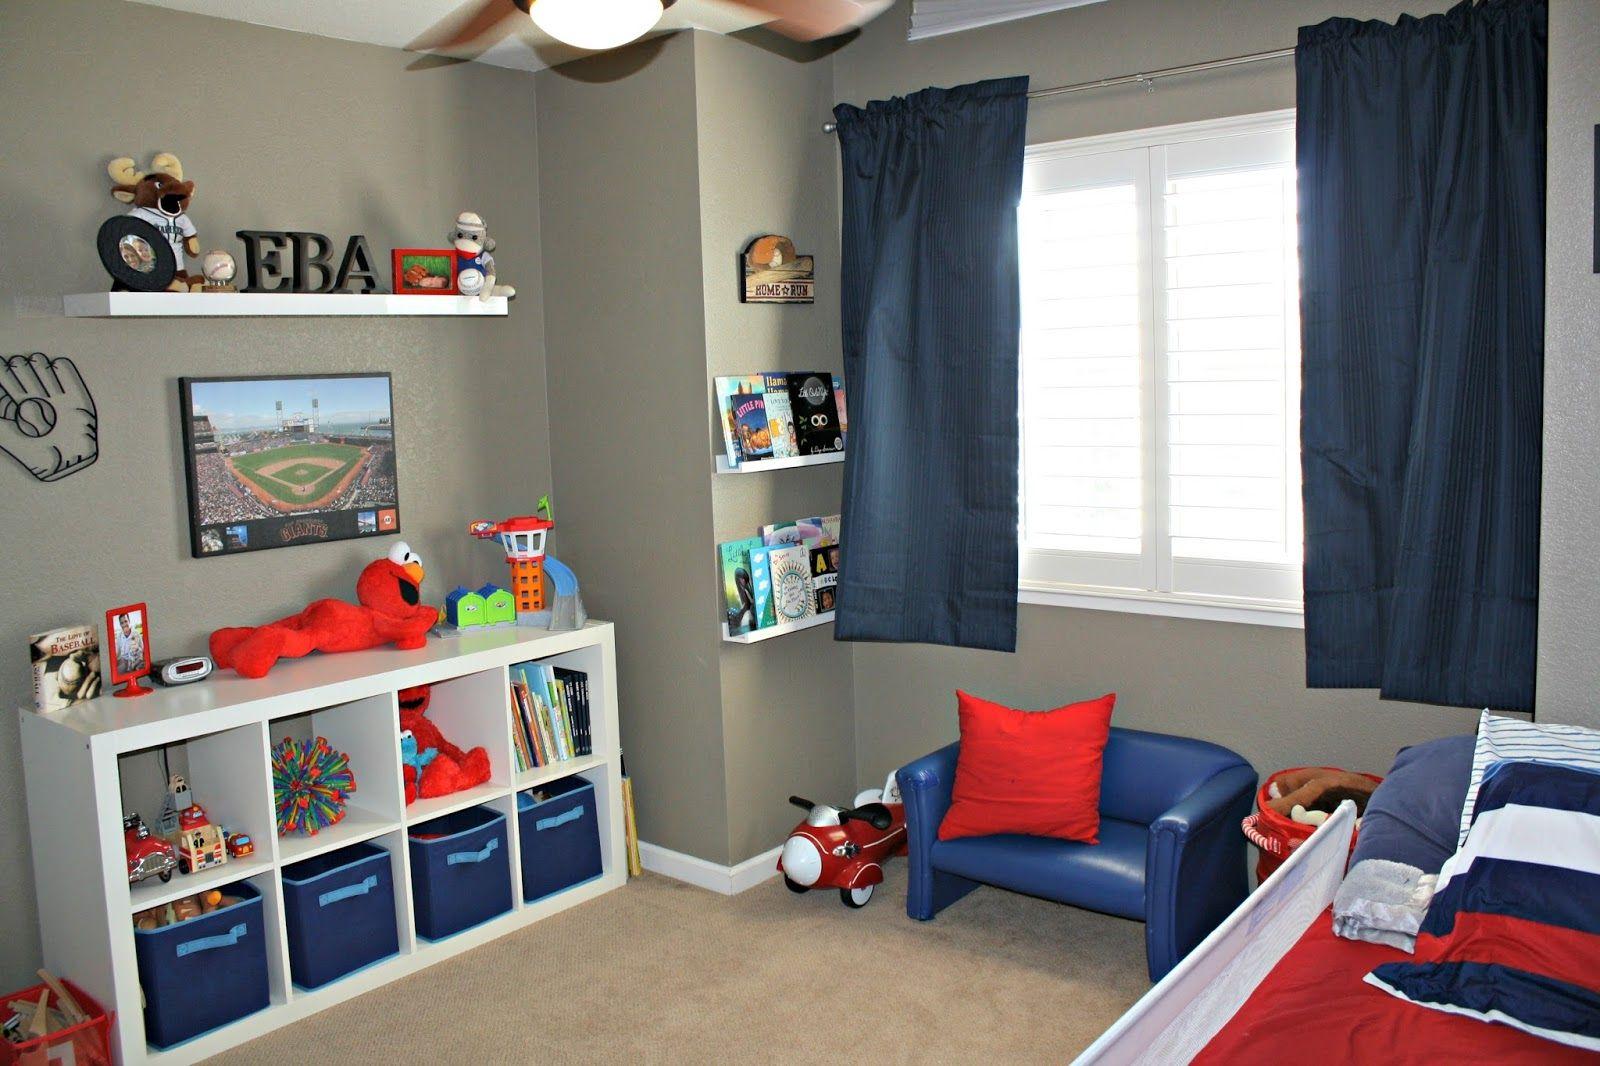 99 Decorating A Toddler Boy Room Low Budget Bedroom Decorating Ideas Check Mo Ideias Para Decorar Quarto Pequeno Decorar Quartos De Meninas Quarto De Menino